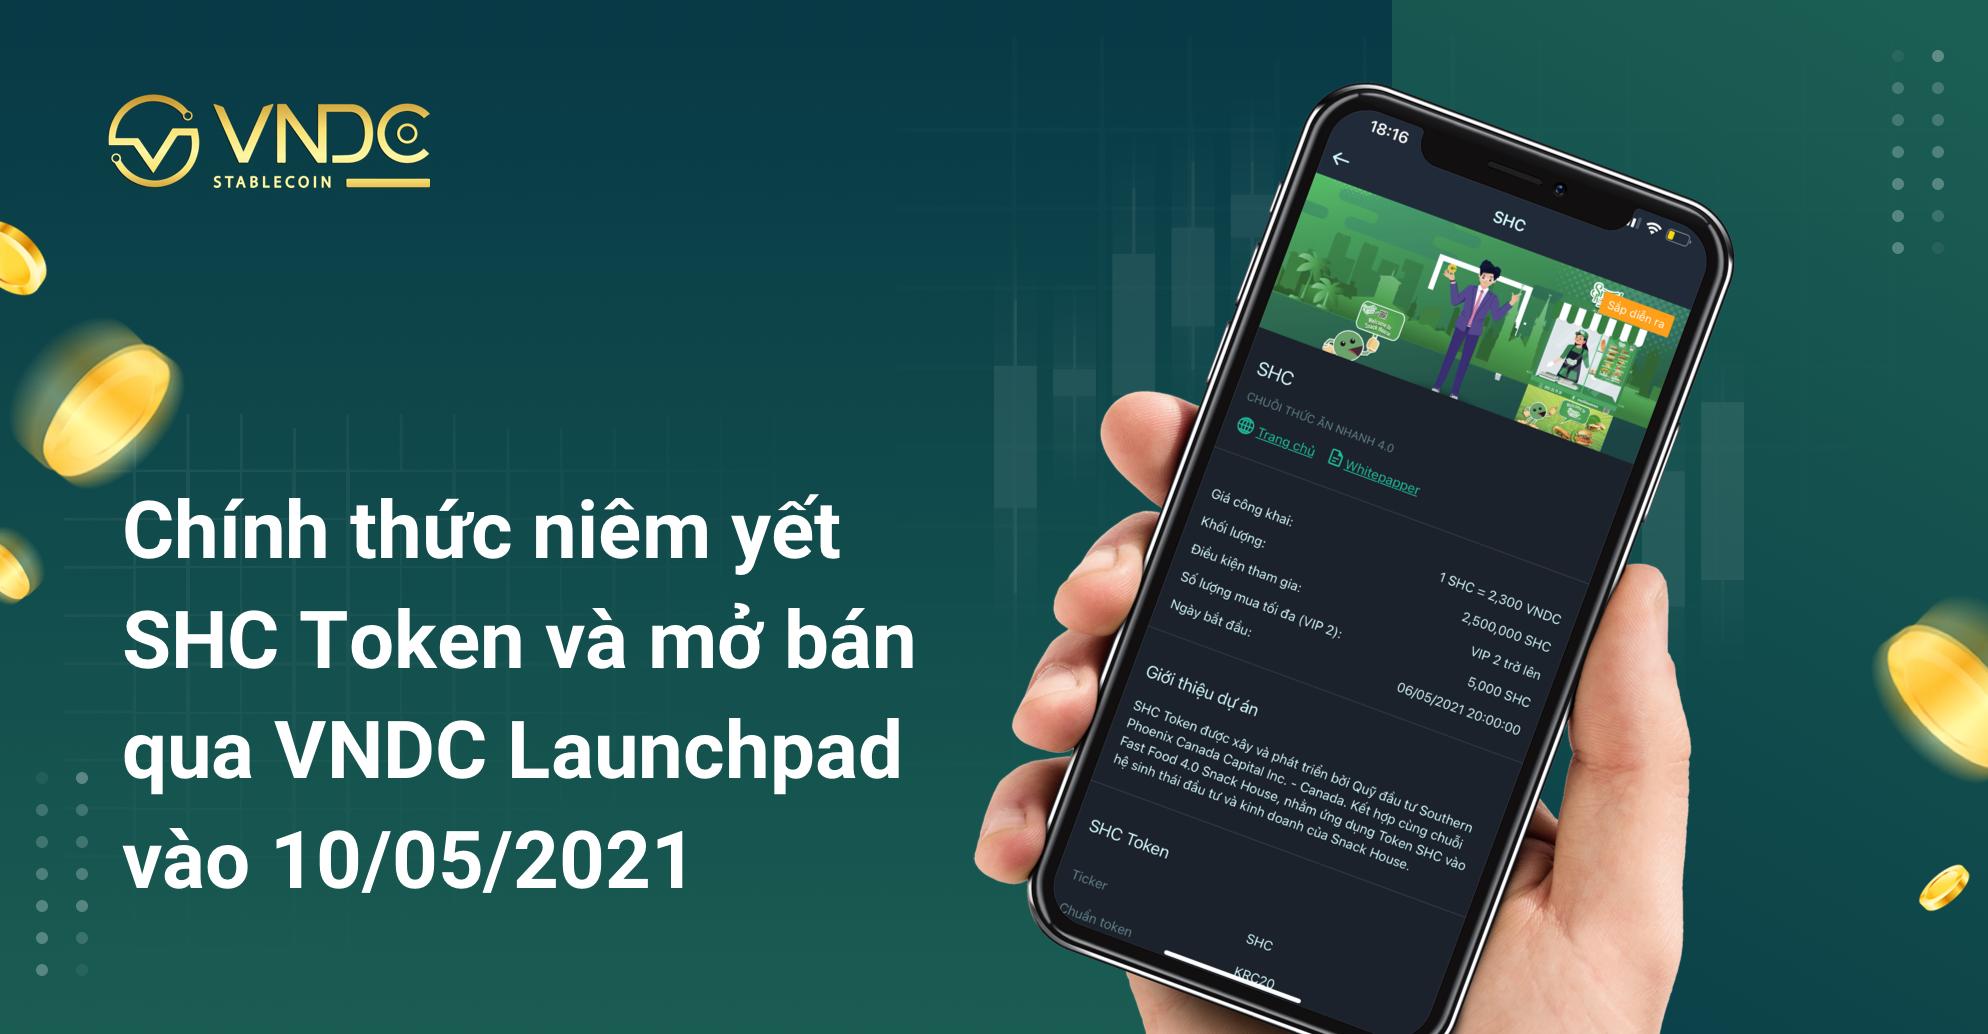 Chính thức niêm yết SHC Token và mở bán qua VNDC Launchpad vào 10/05/2021